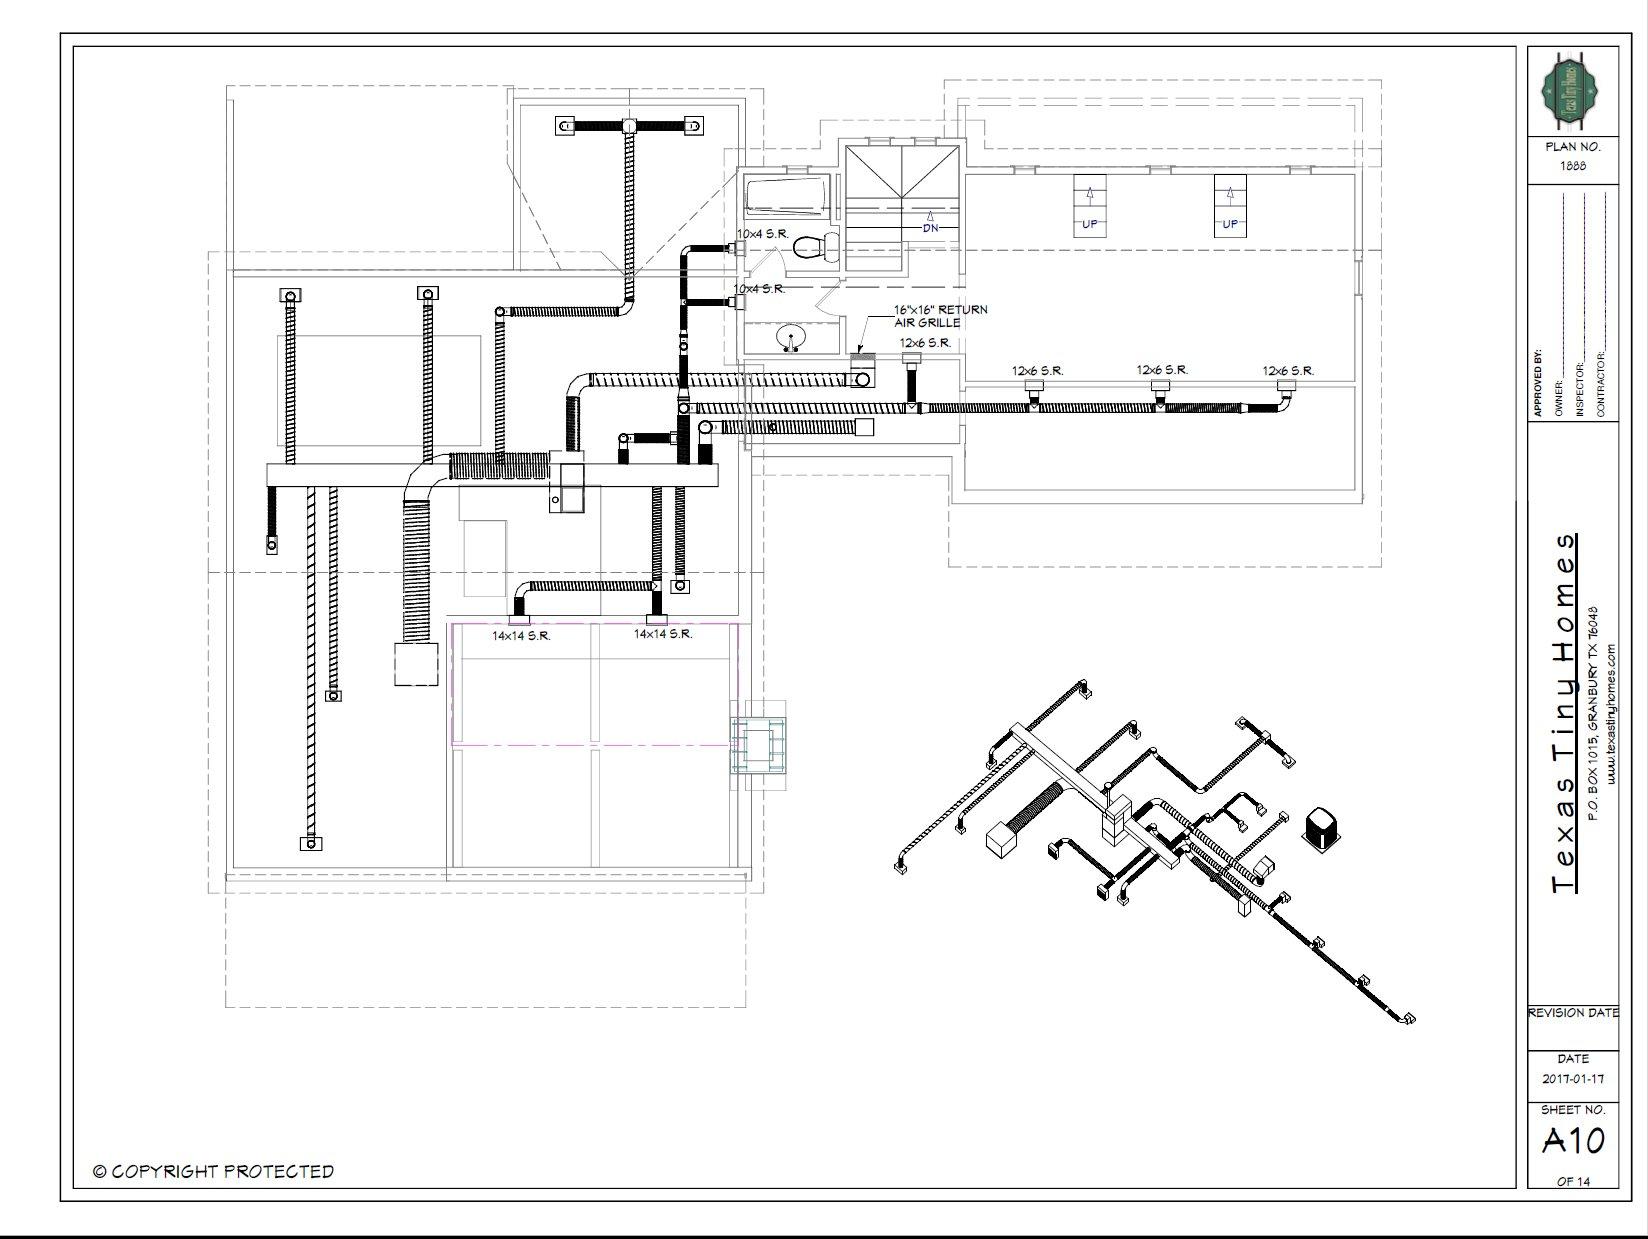 28 [ teardrop camper wiring diagram ] 7 way trailer travel trailer camper wiring diagram epic guide to diy van build electrical